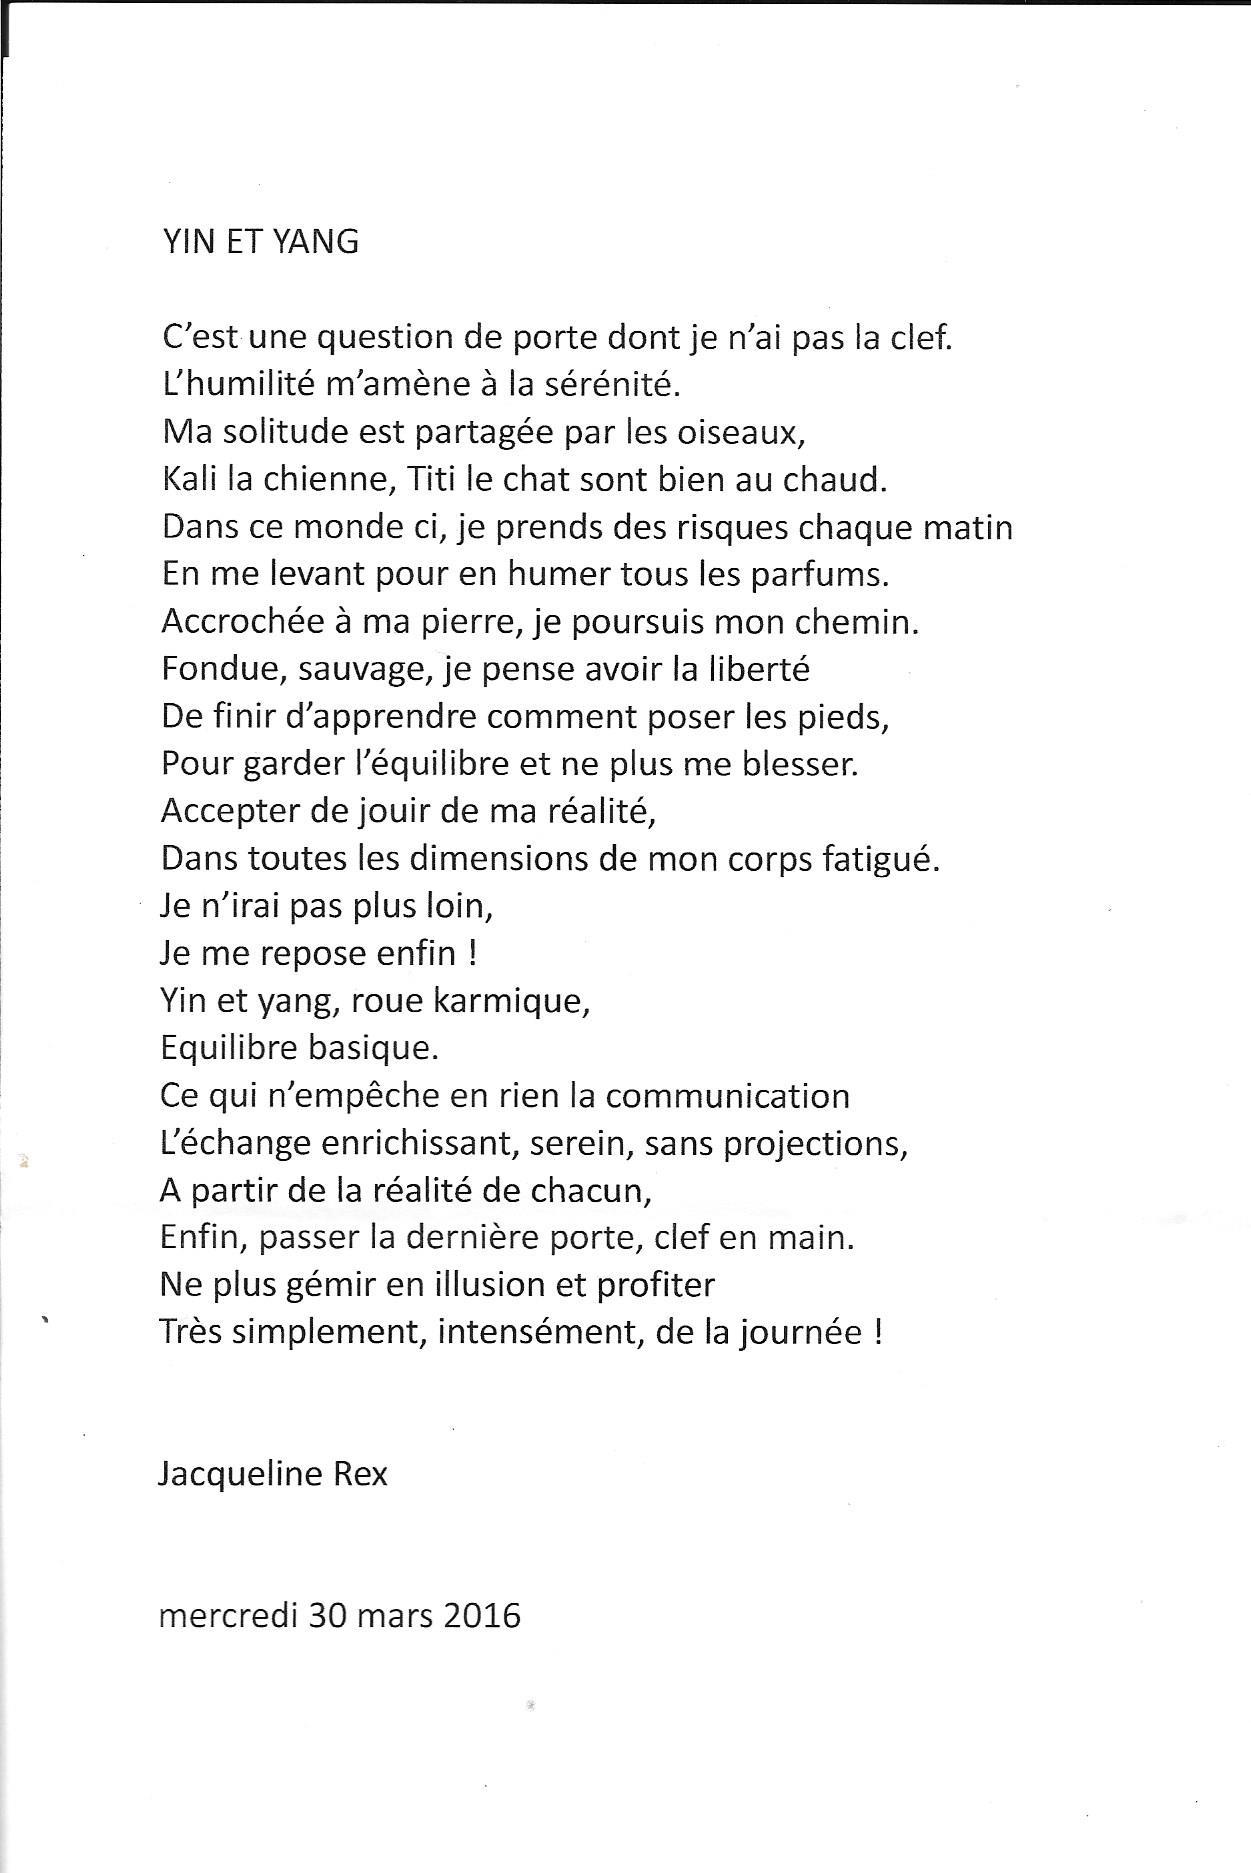 poeme 20002.jpg